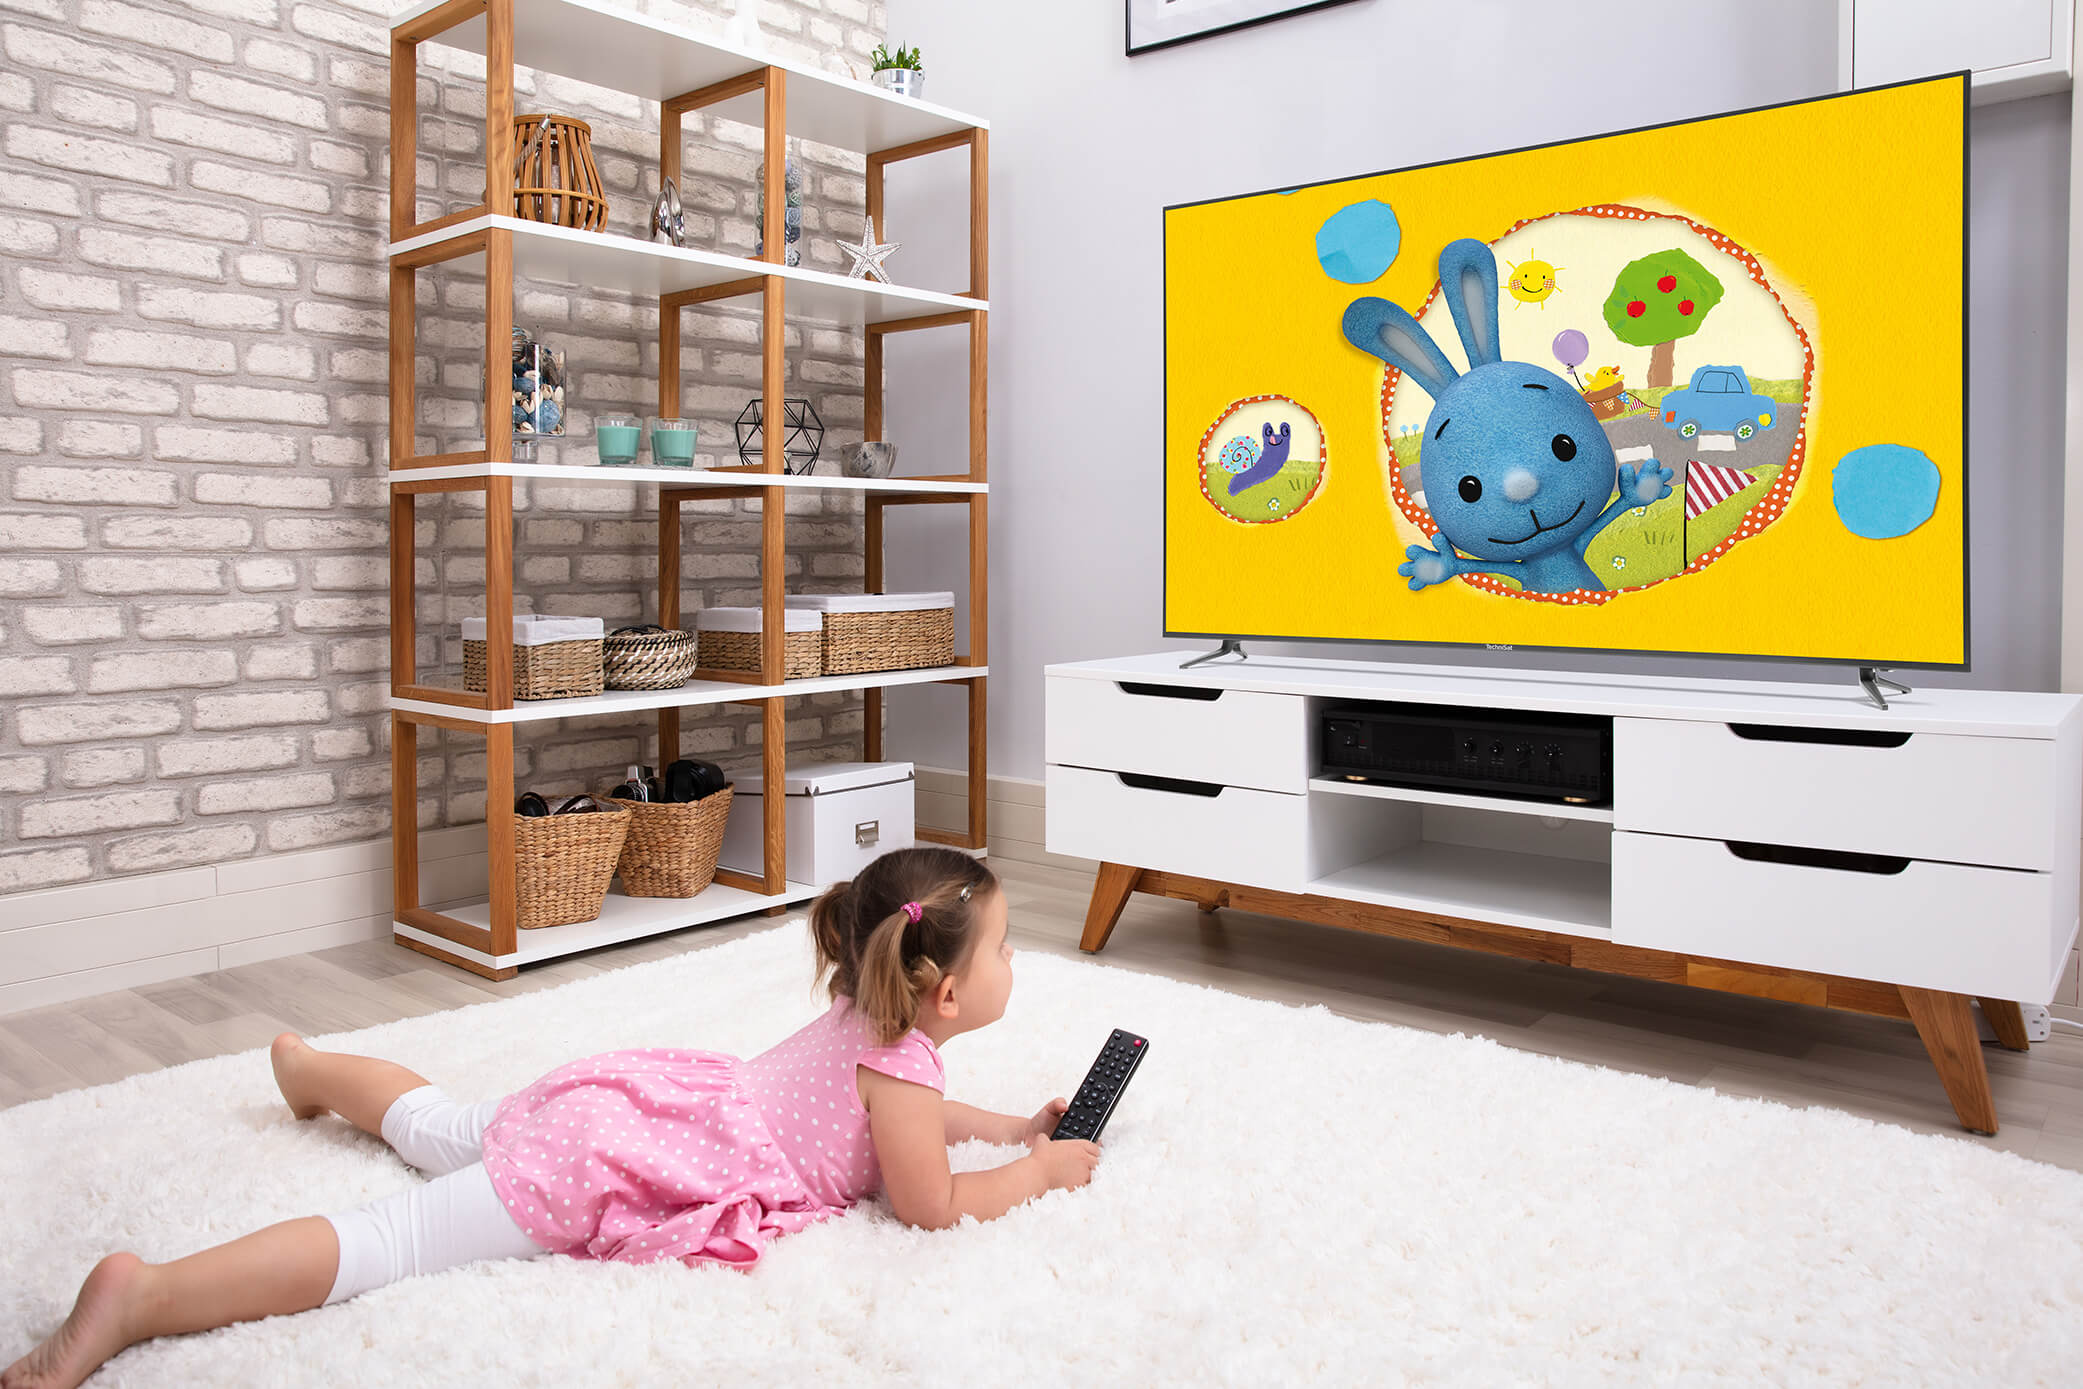 Wenn die Kinder zuhause bleiben müssen: Radio und Fernsehen sorgen für Bildung und Unterhaltung